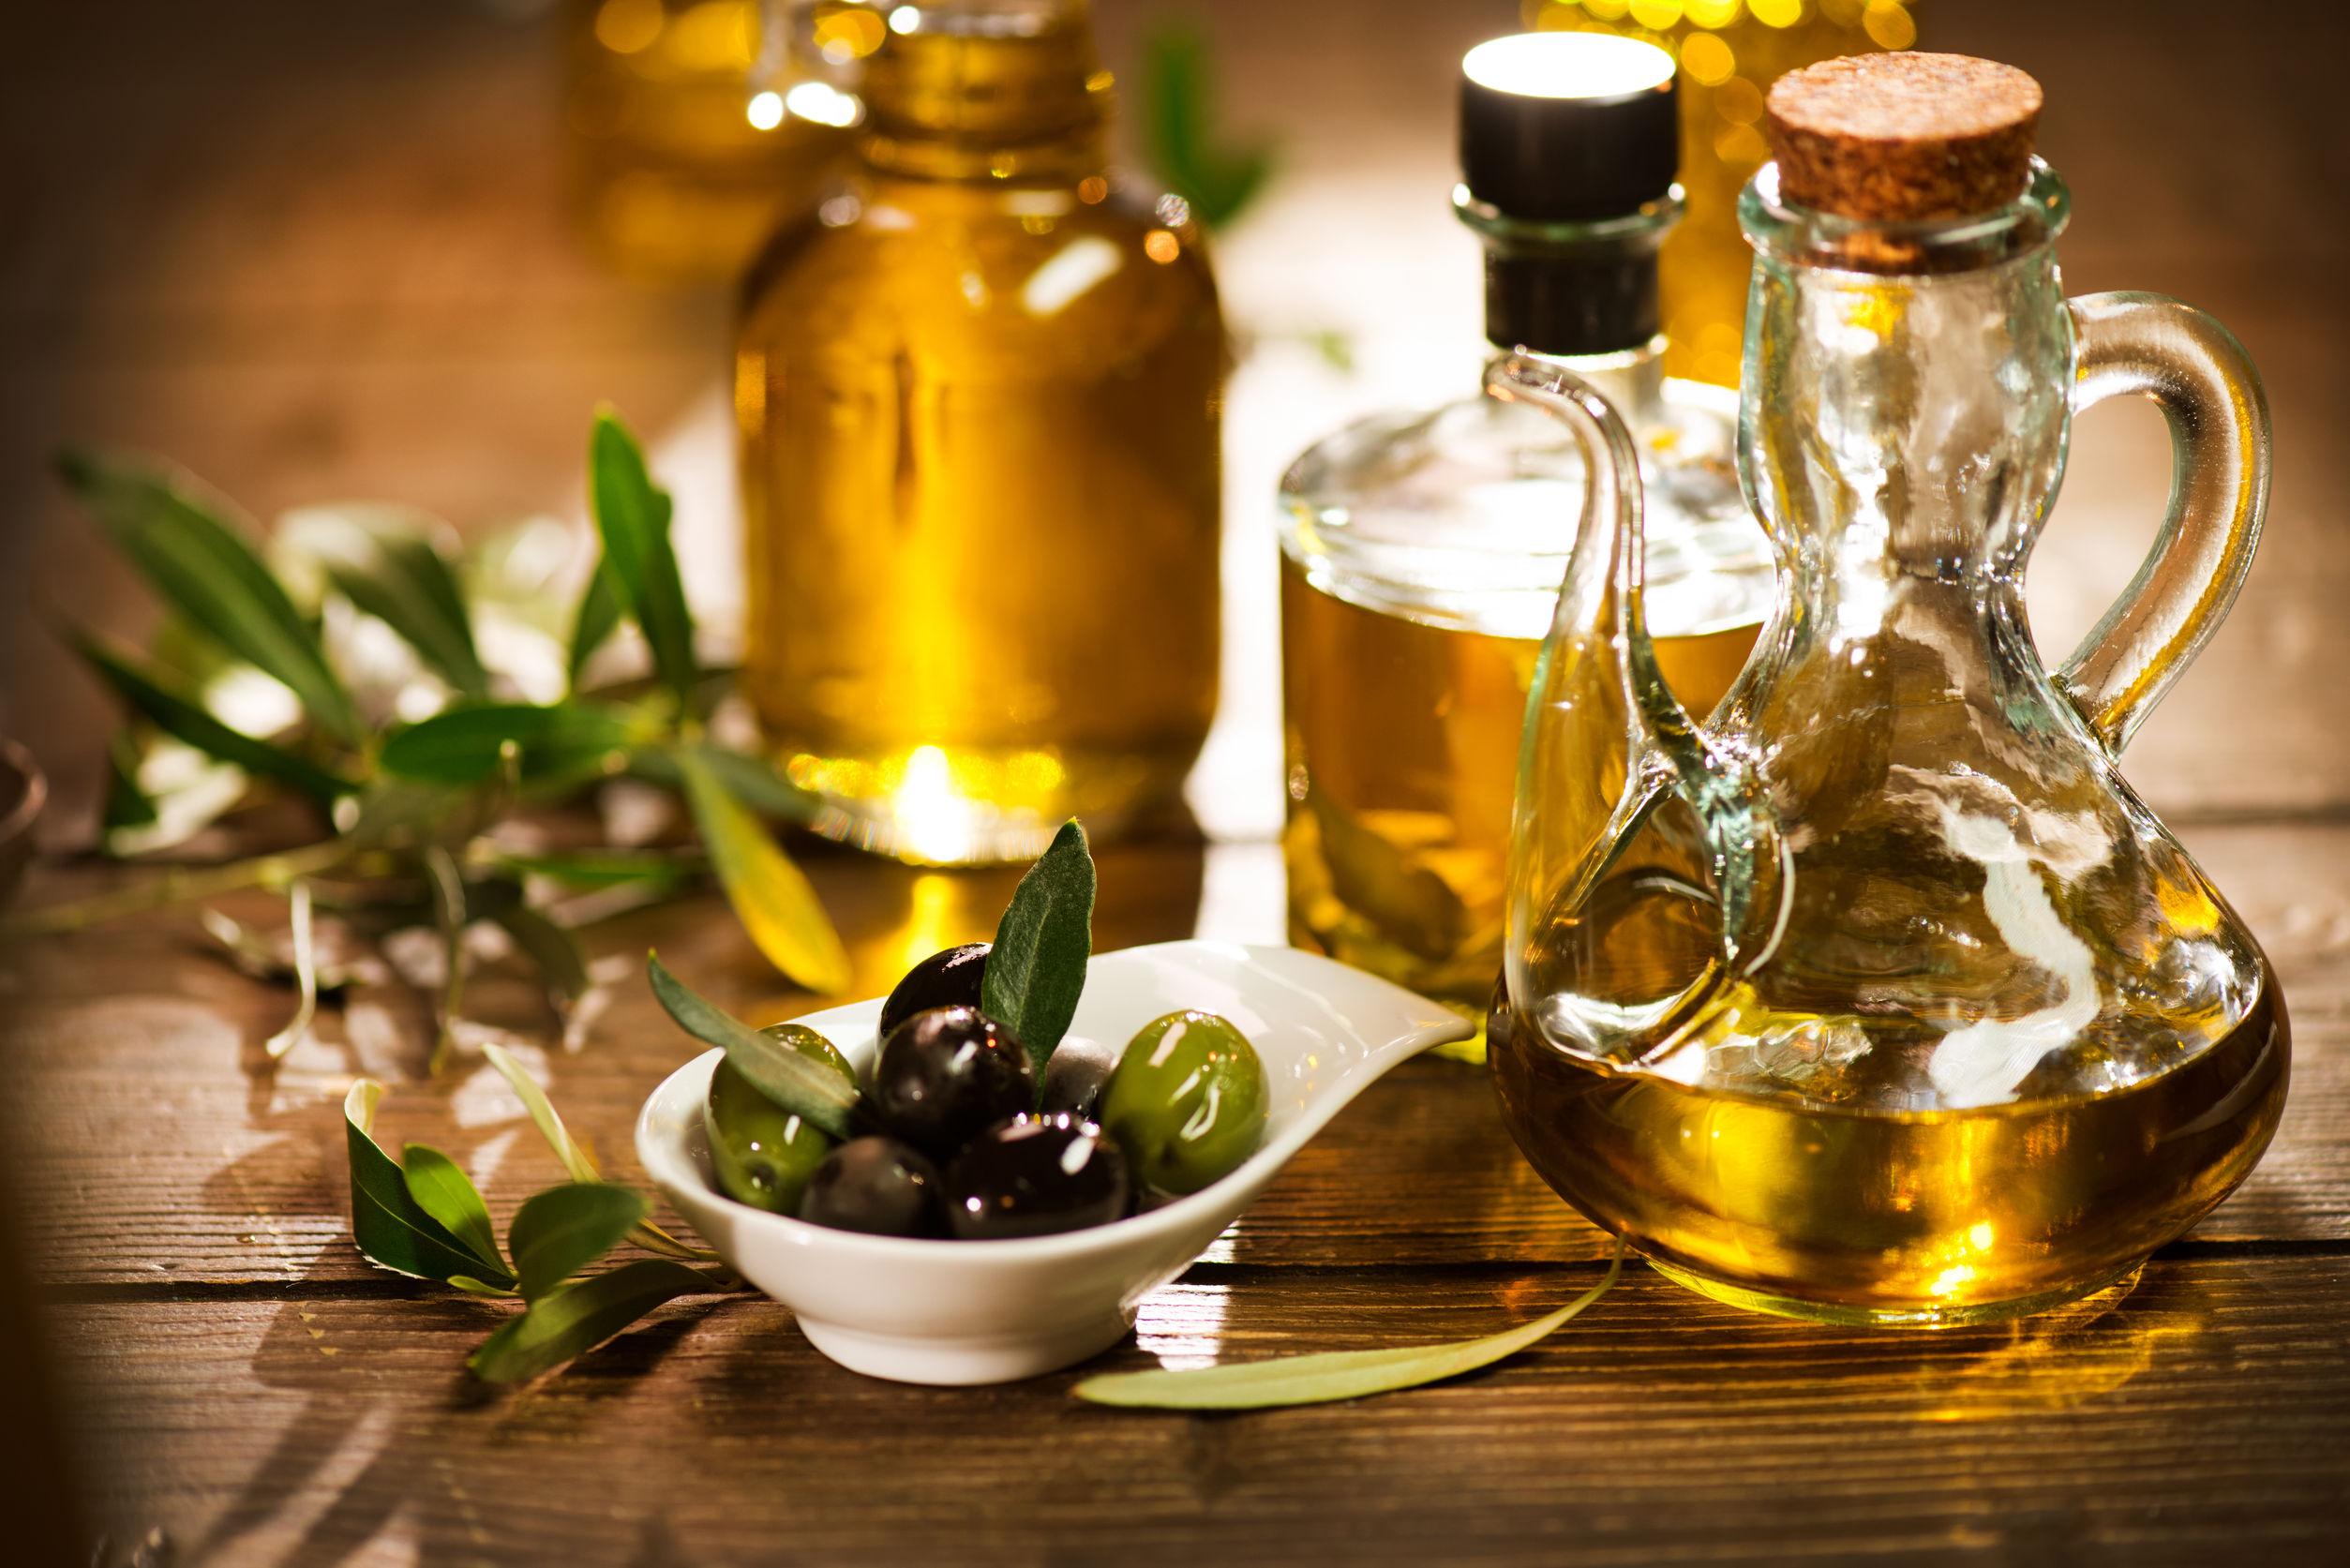 Acaeite de oliva en varias presentaciones